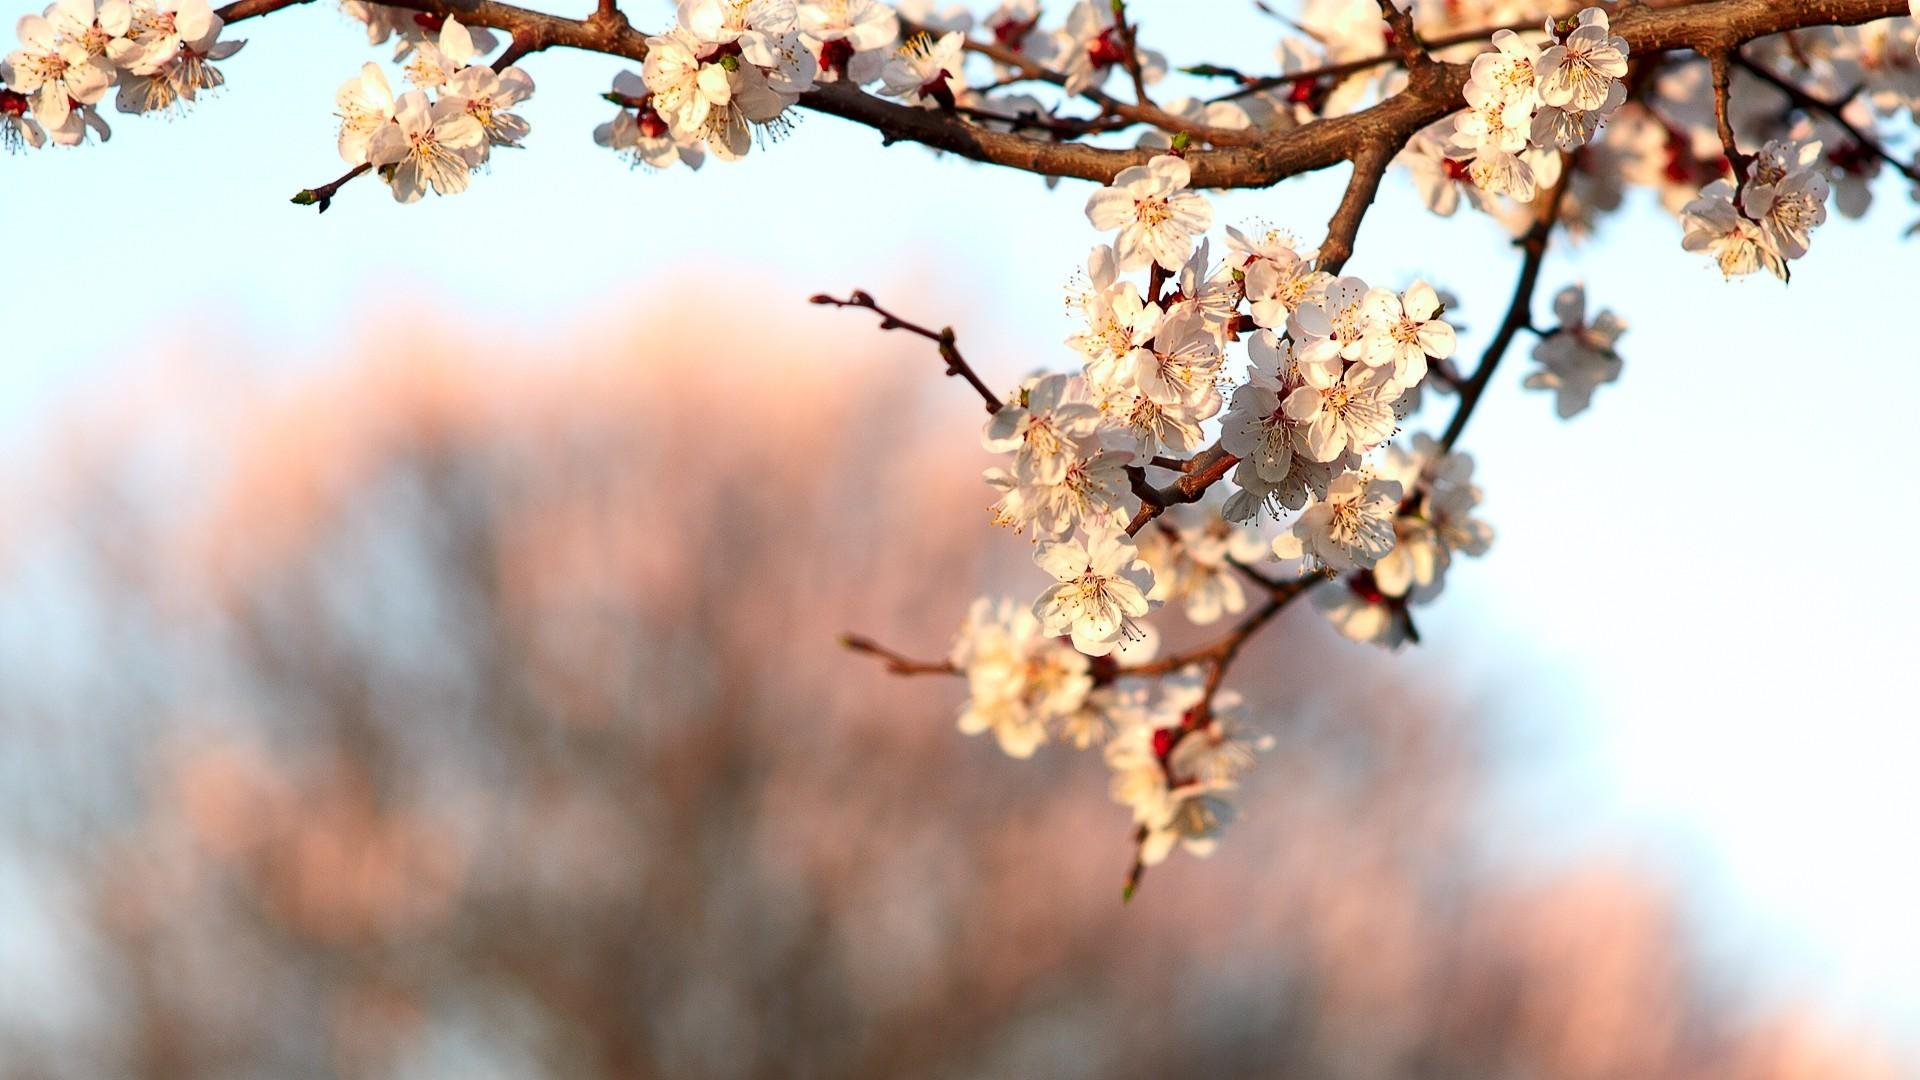 цветочки, солнце, дерево, смола в хорошем качестве